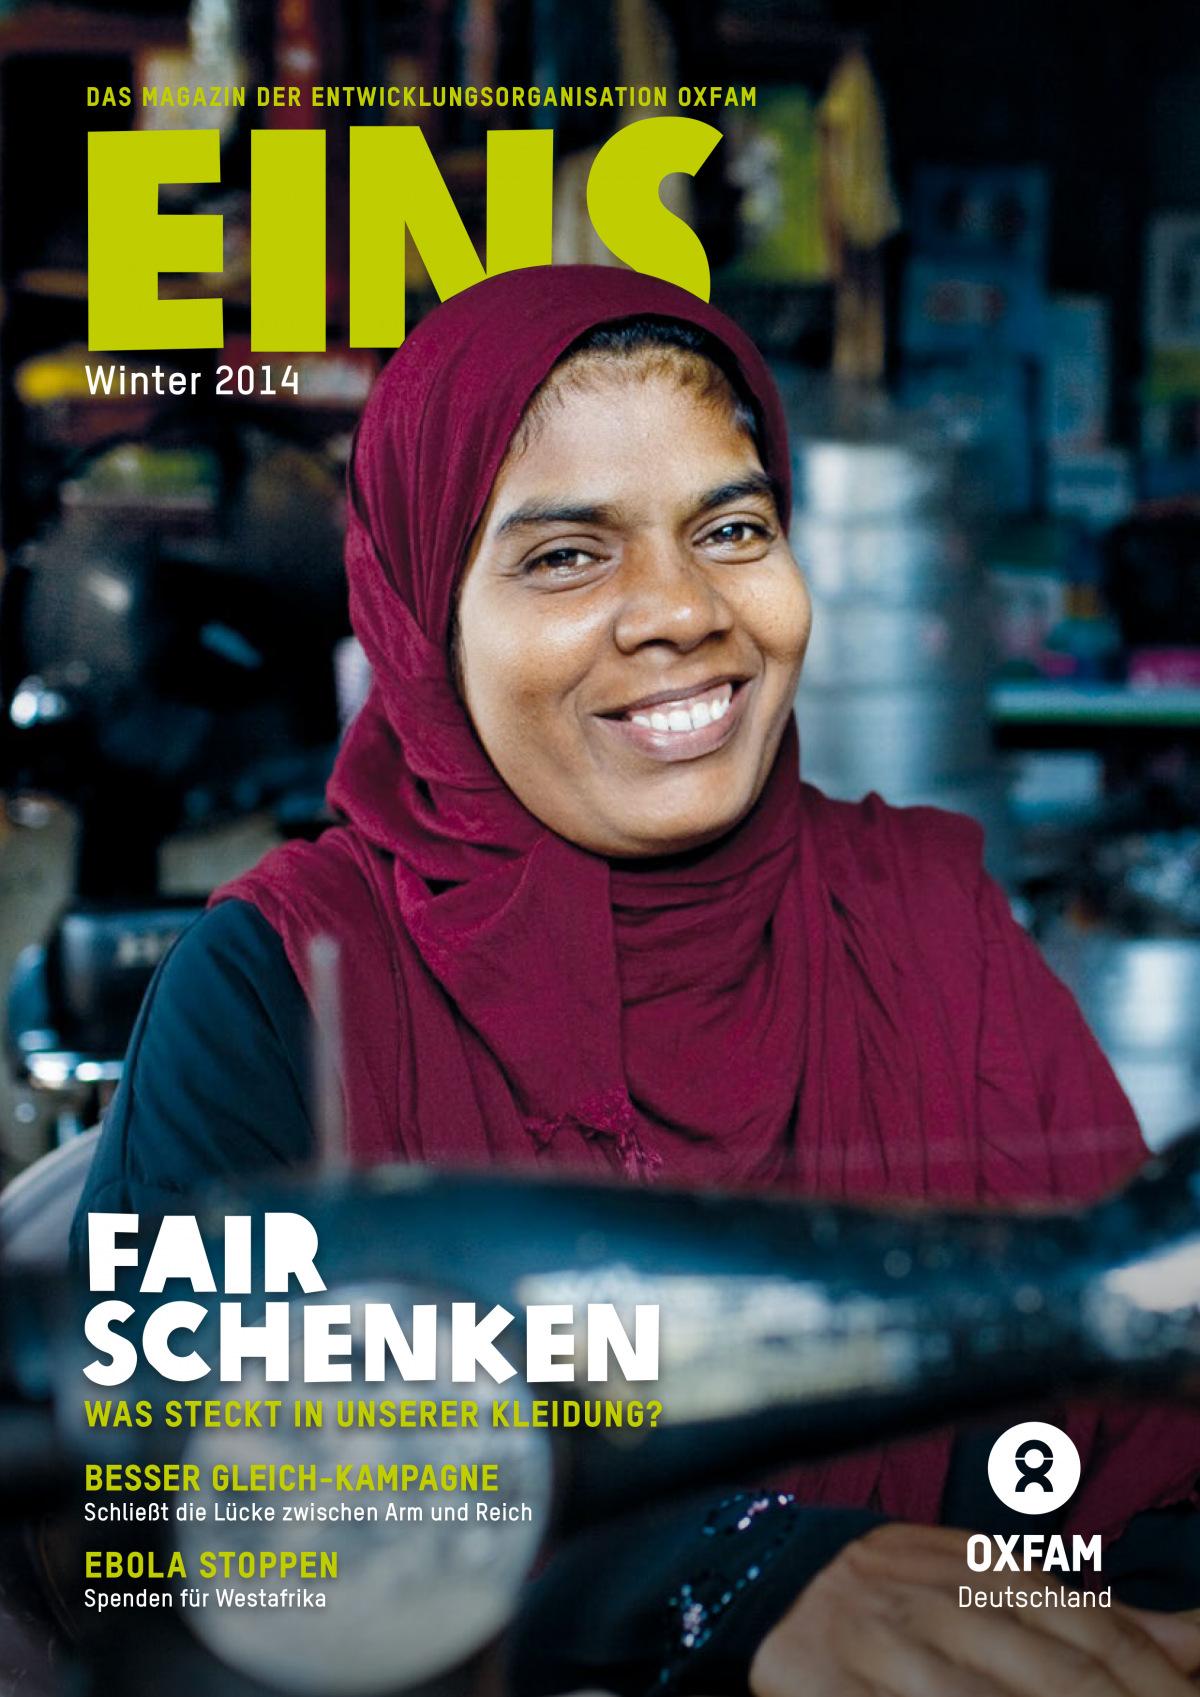 Titelbild vom Oxfam-Magazin EINS (Winter 2014)